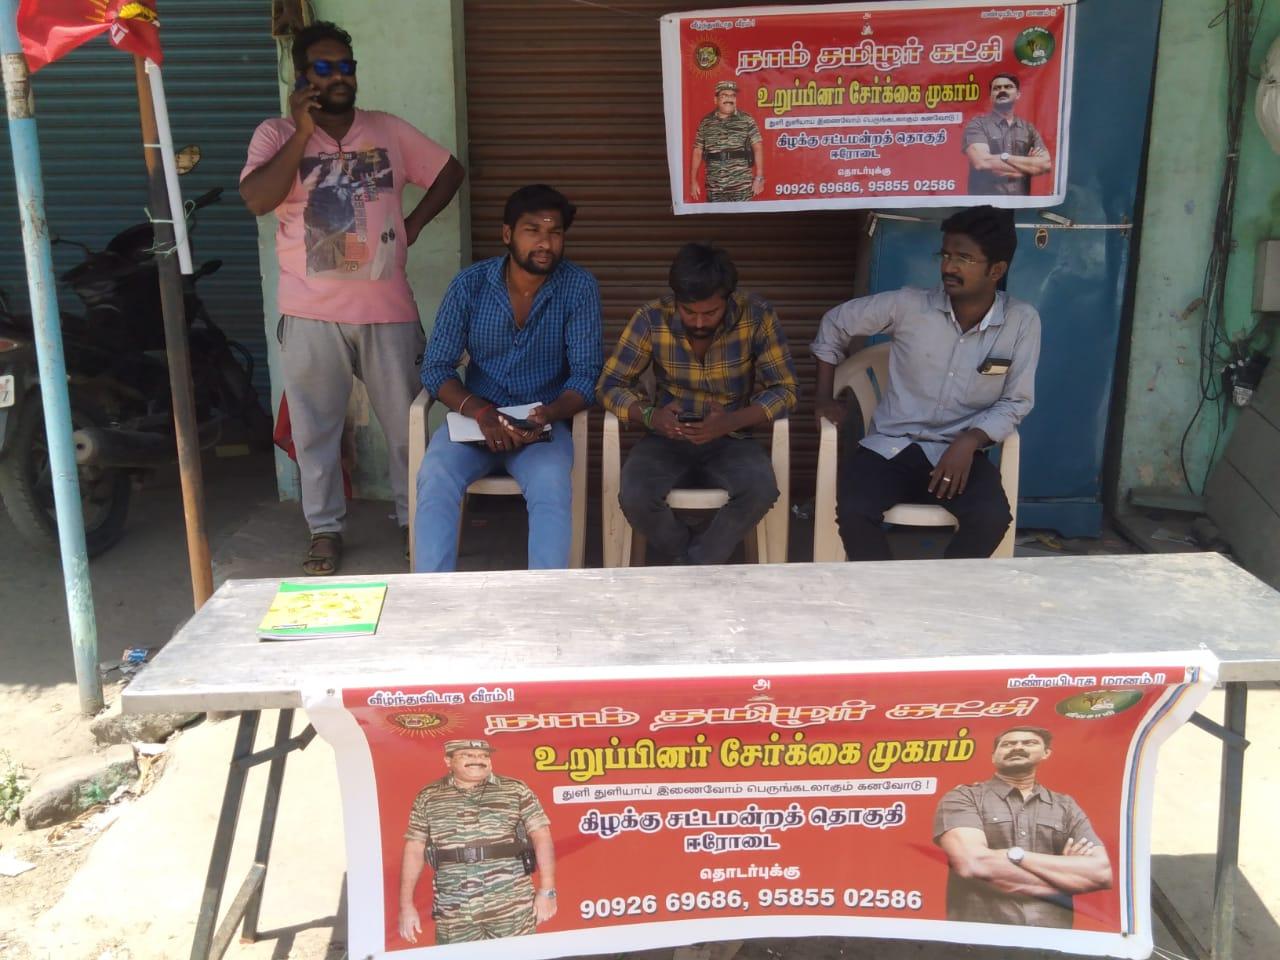 உறுப்பினர் சேர்க்கை முகாம்-ஈரோடு கிழக்கு சட்டமன்றத் தொகுதி